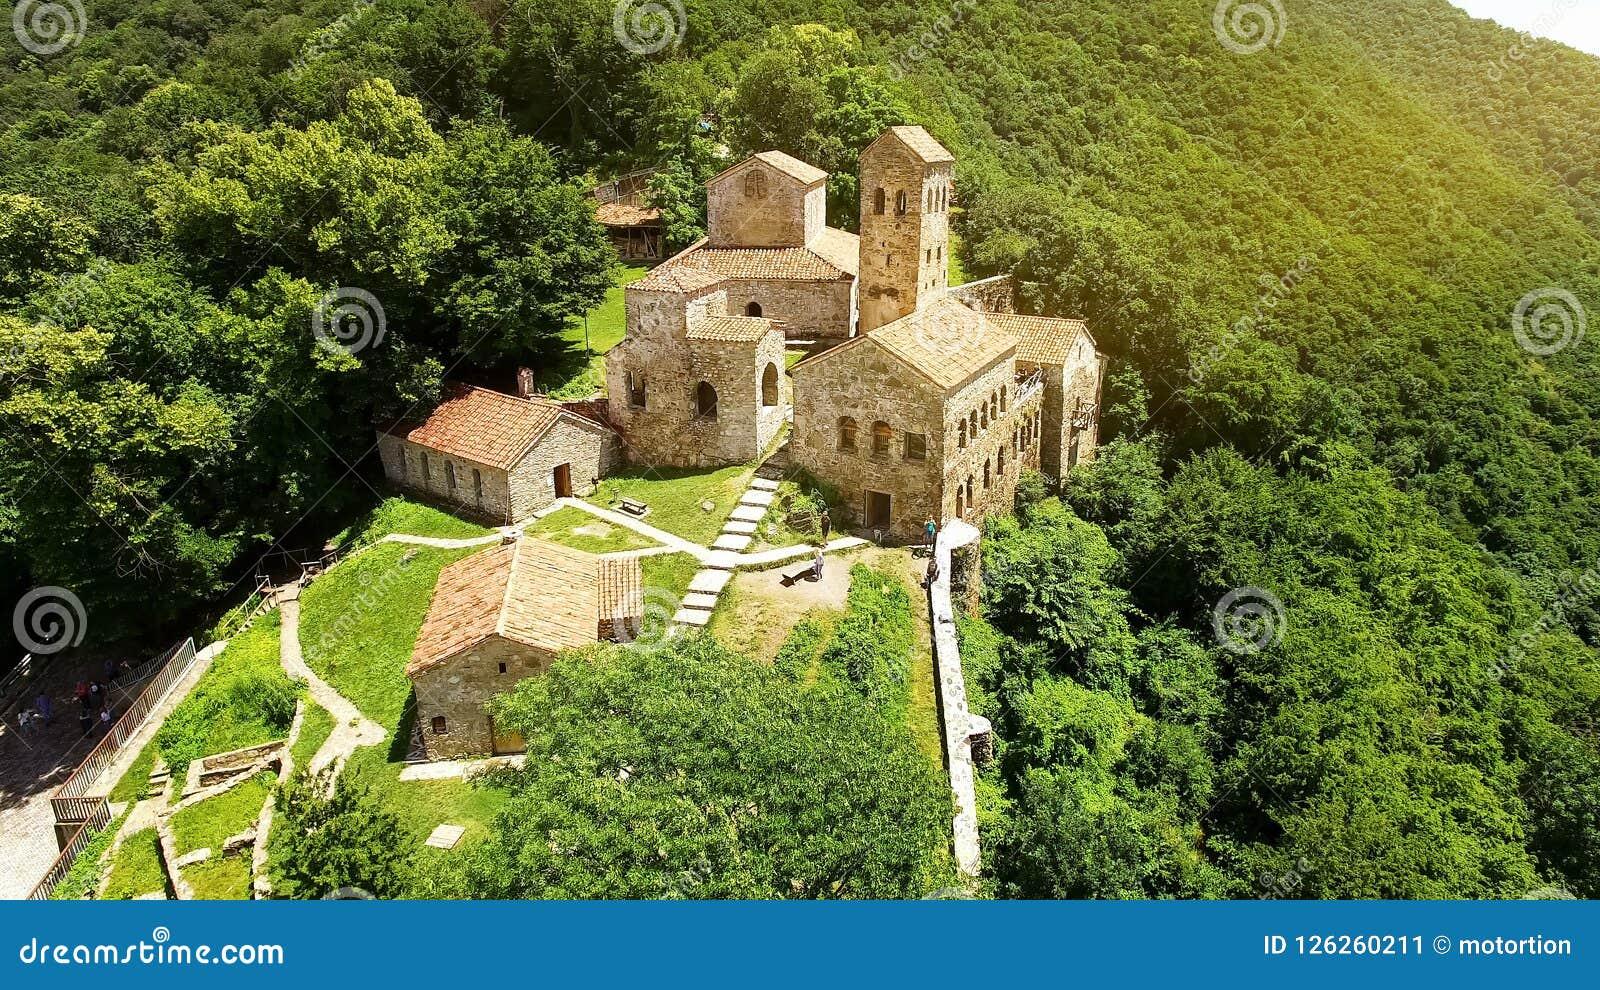 Ορθόδοξο μοναστήρι Nekresi στην κοιλάδα Alazani, τουρισμός στη Γεωργία, αρχιτεκτονική